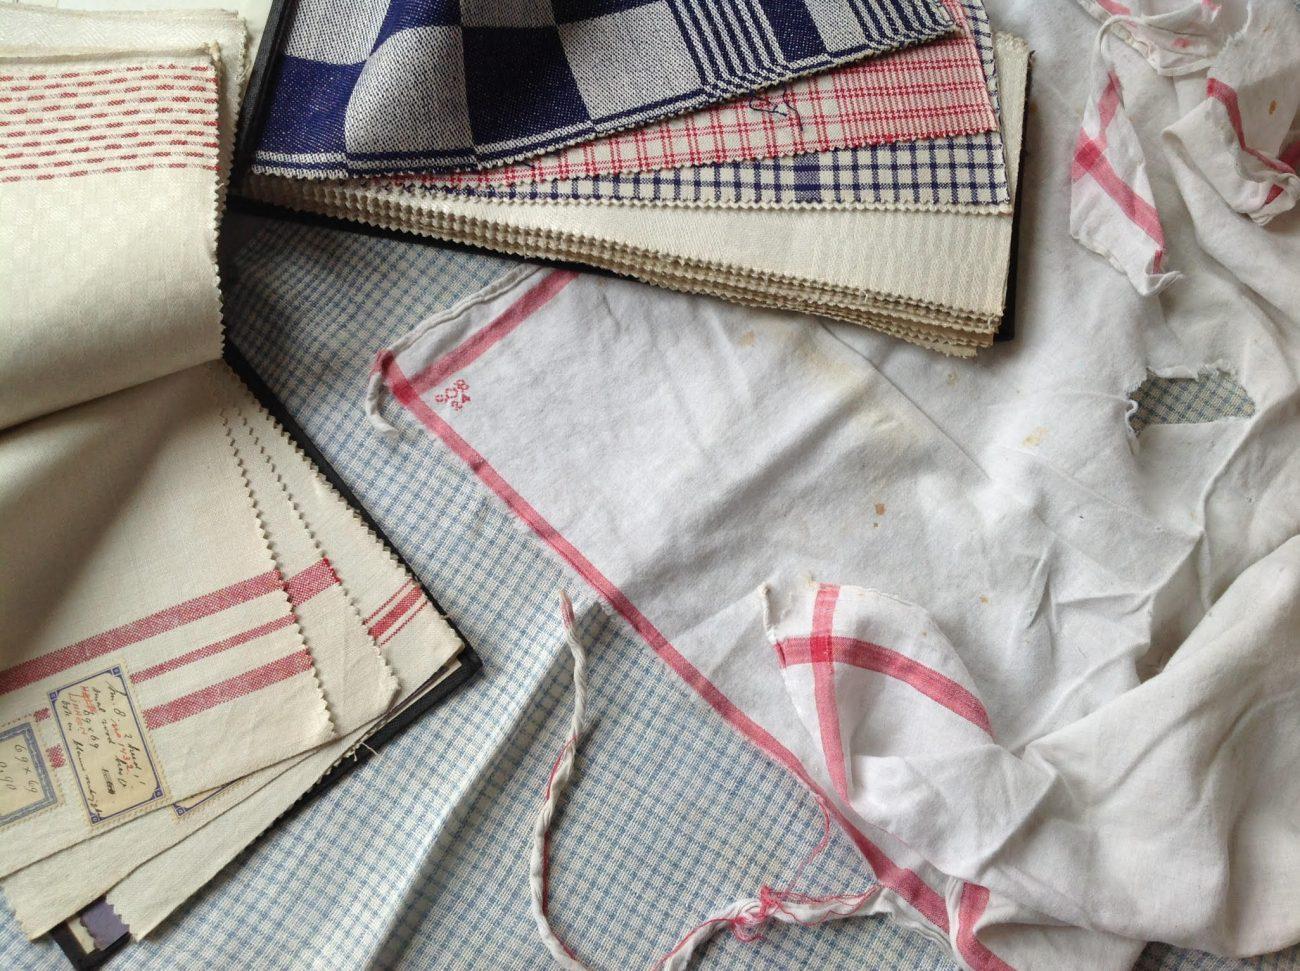 Stalenboeken voor huishoudtextiel met versleten stofdoek van de barones.